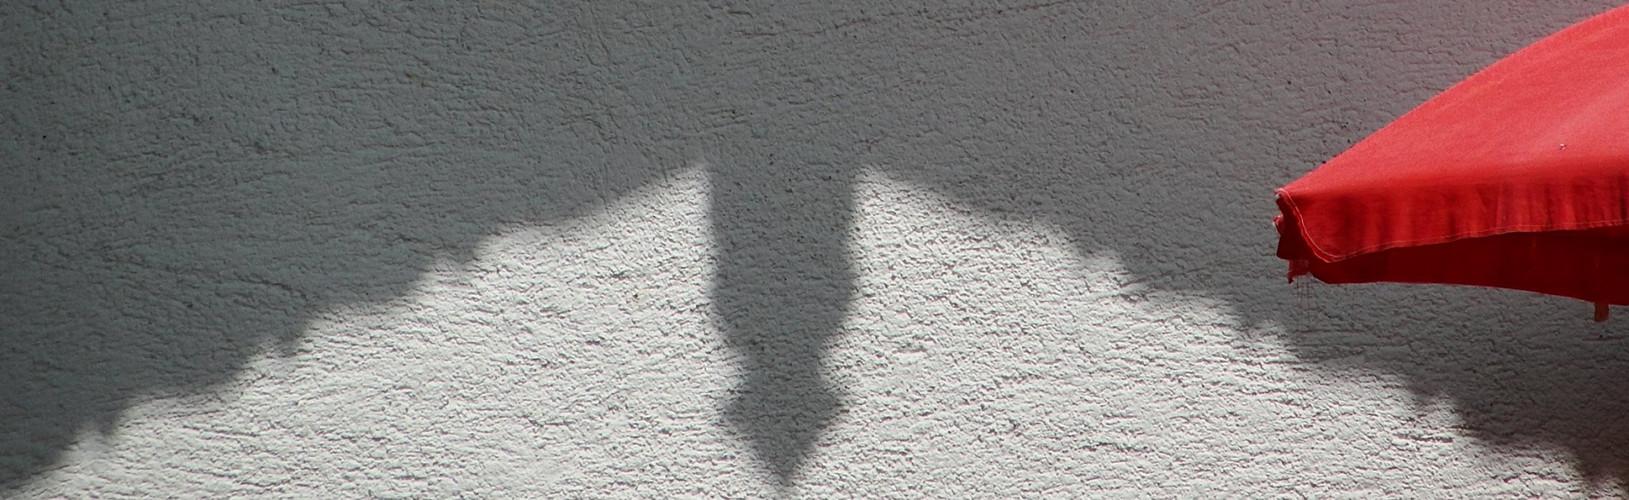 Spitz-Schatten